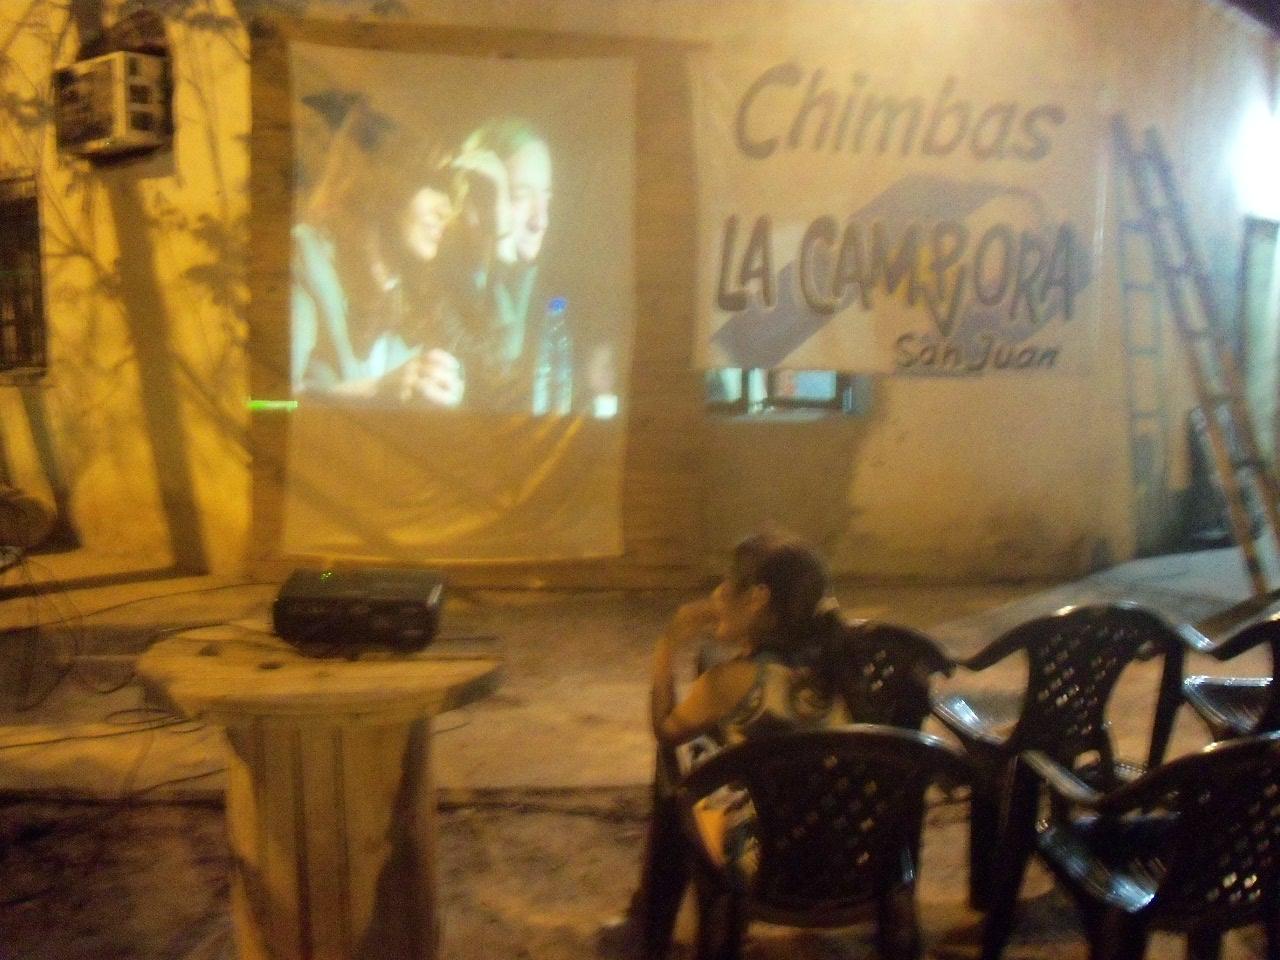 San Juan: Jornada militante en Chimbas